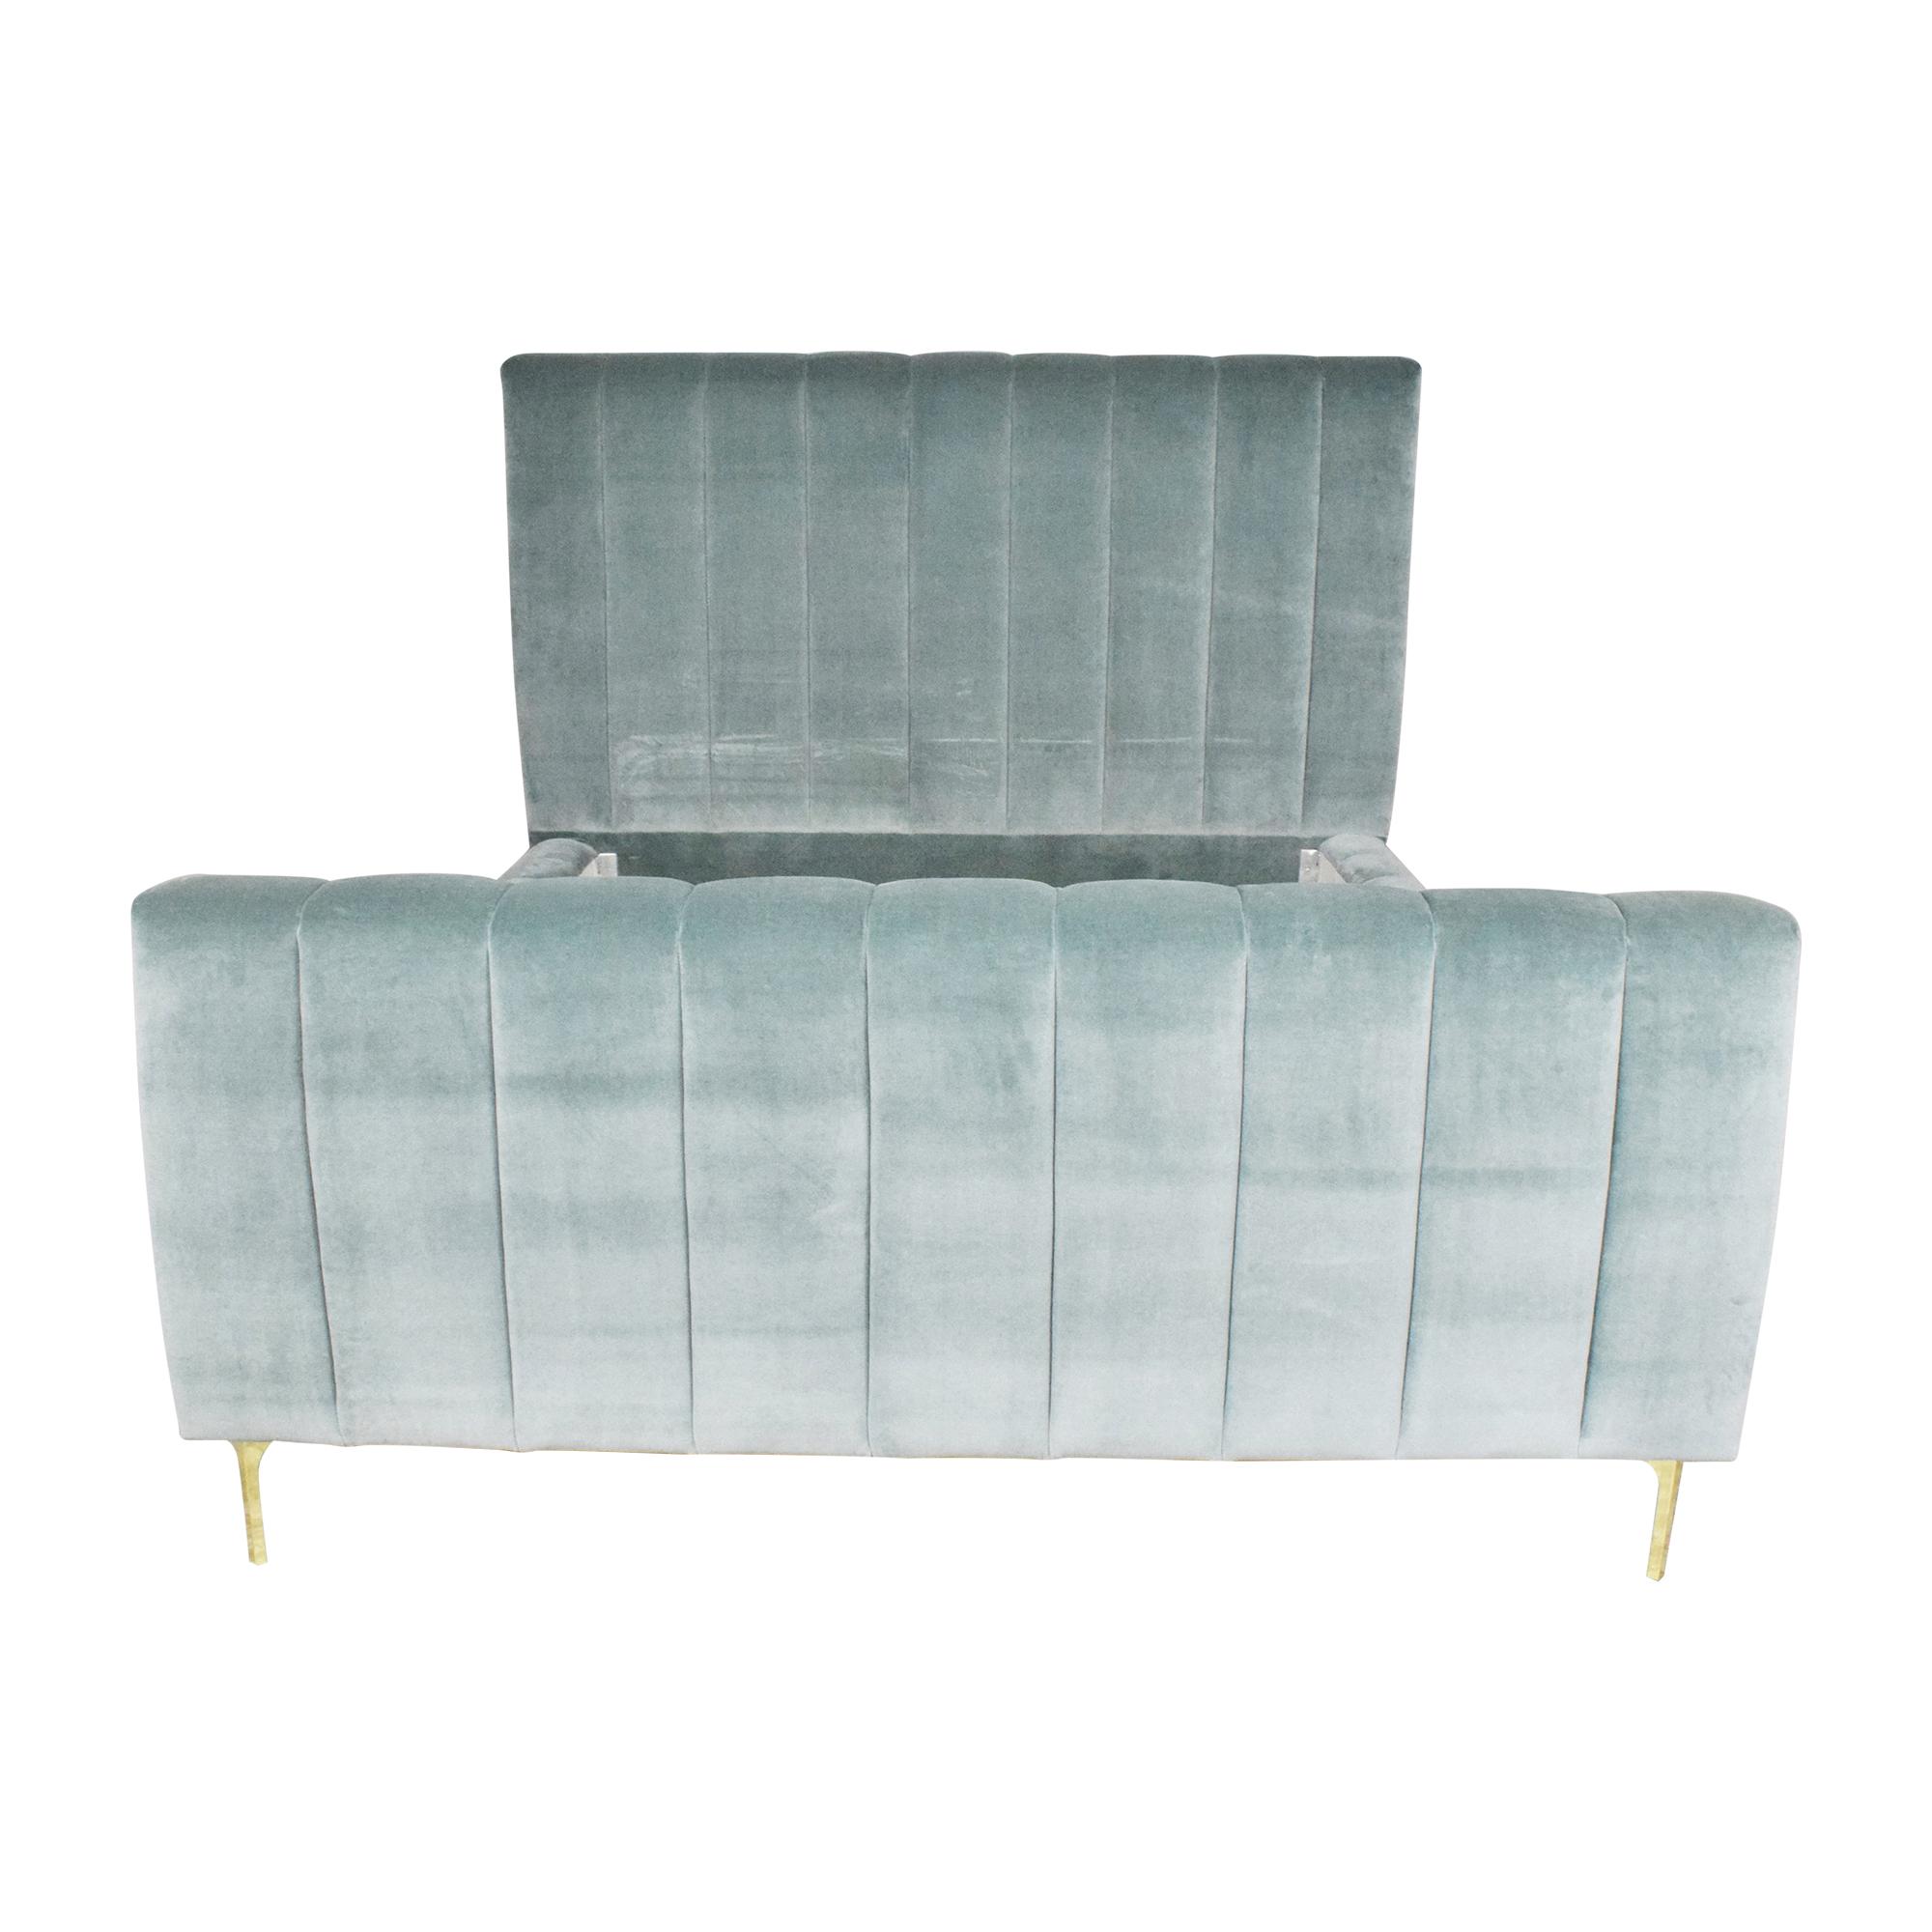 ModShop ModShop Shoreclub Queen Bed for sale